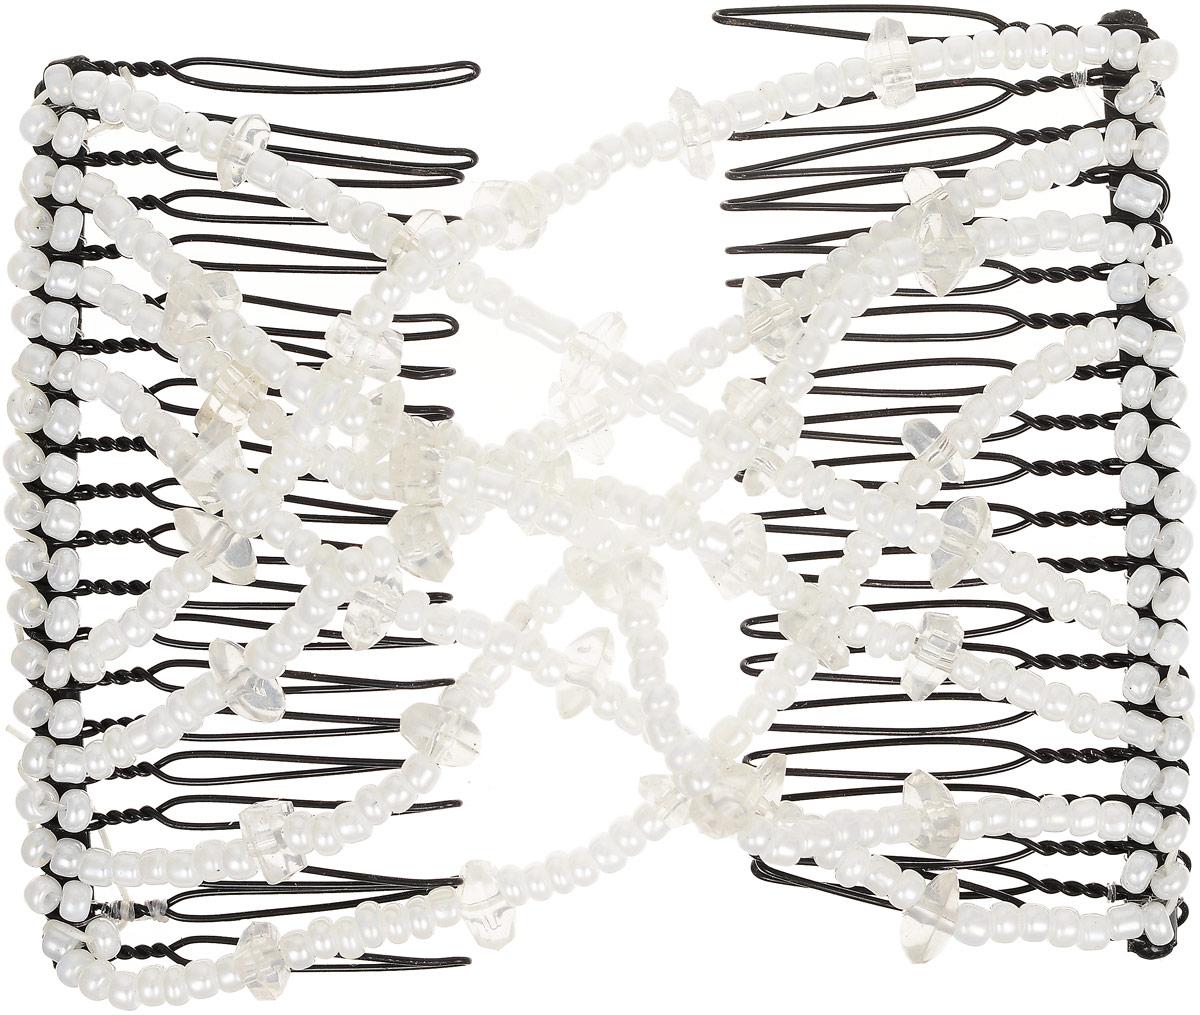 EZ-Combs Заколка Изи-Комбс, одинарная, цвет: белый. ЗИО_осколки ez combs заколка изи комбс одинарная цвет коричневый зио сердечки